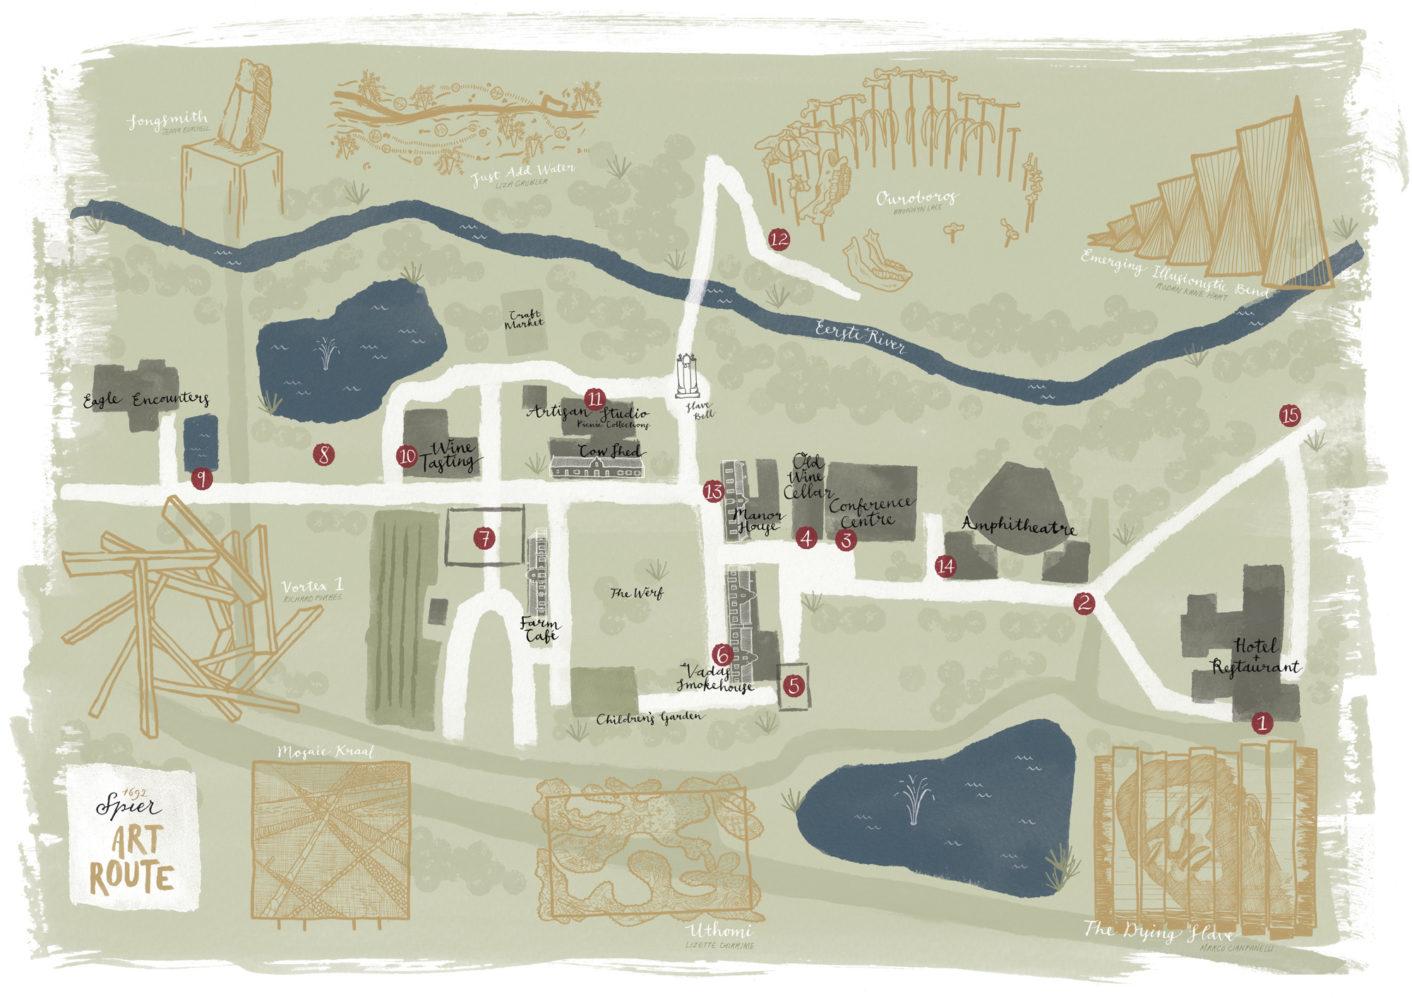 Spier Art Route Map